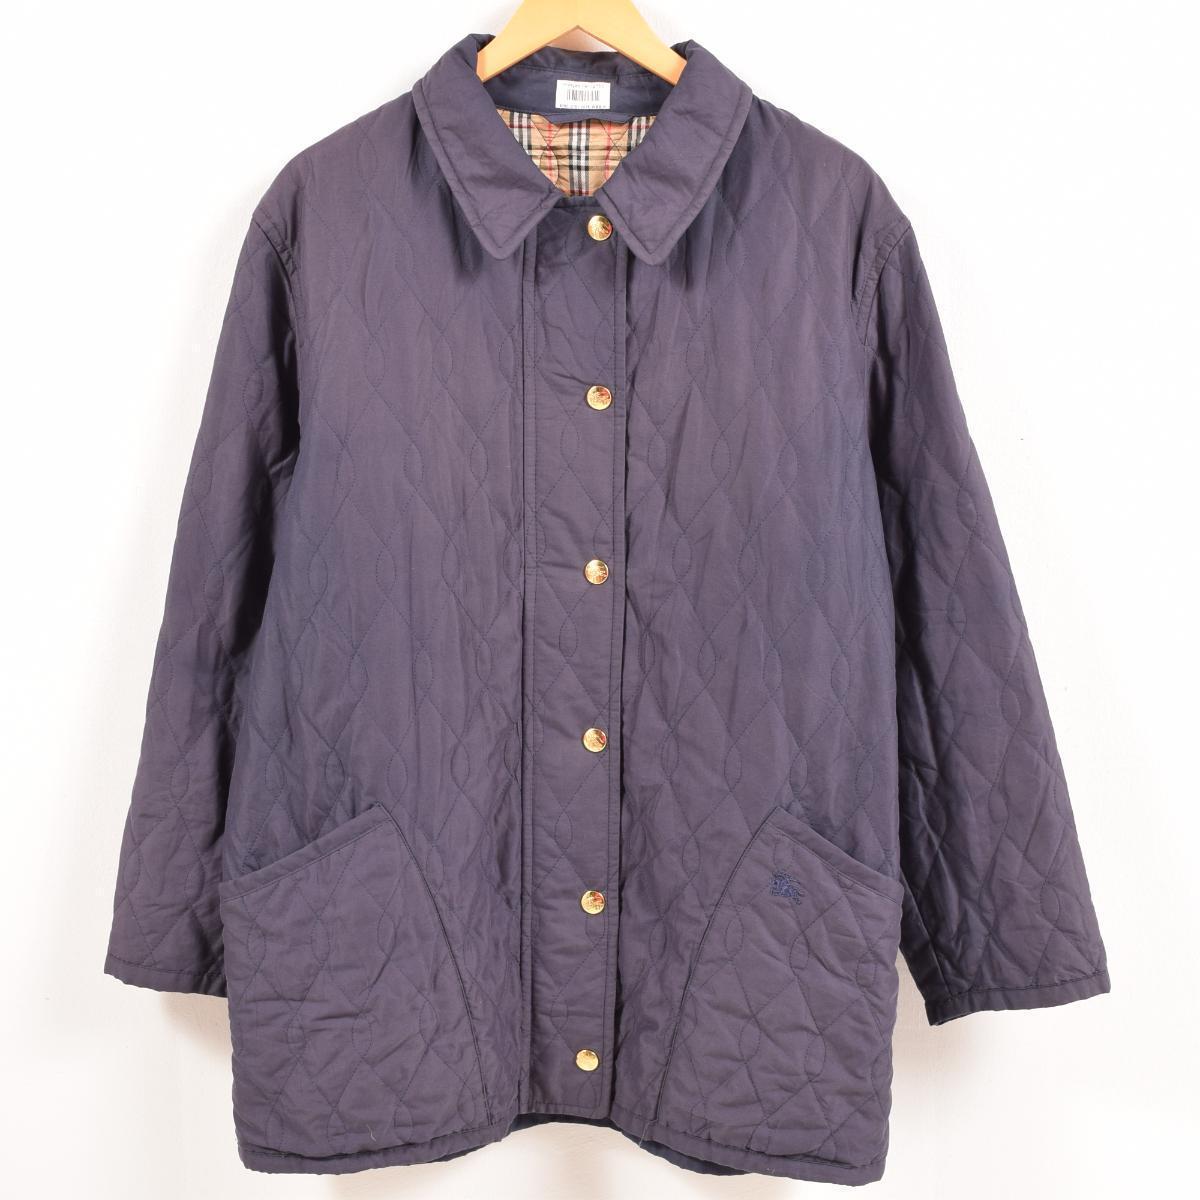 バーバリー Burberry's キルティングジャケット 40 レディースXL /wat1828 【中古】 【181207】